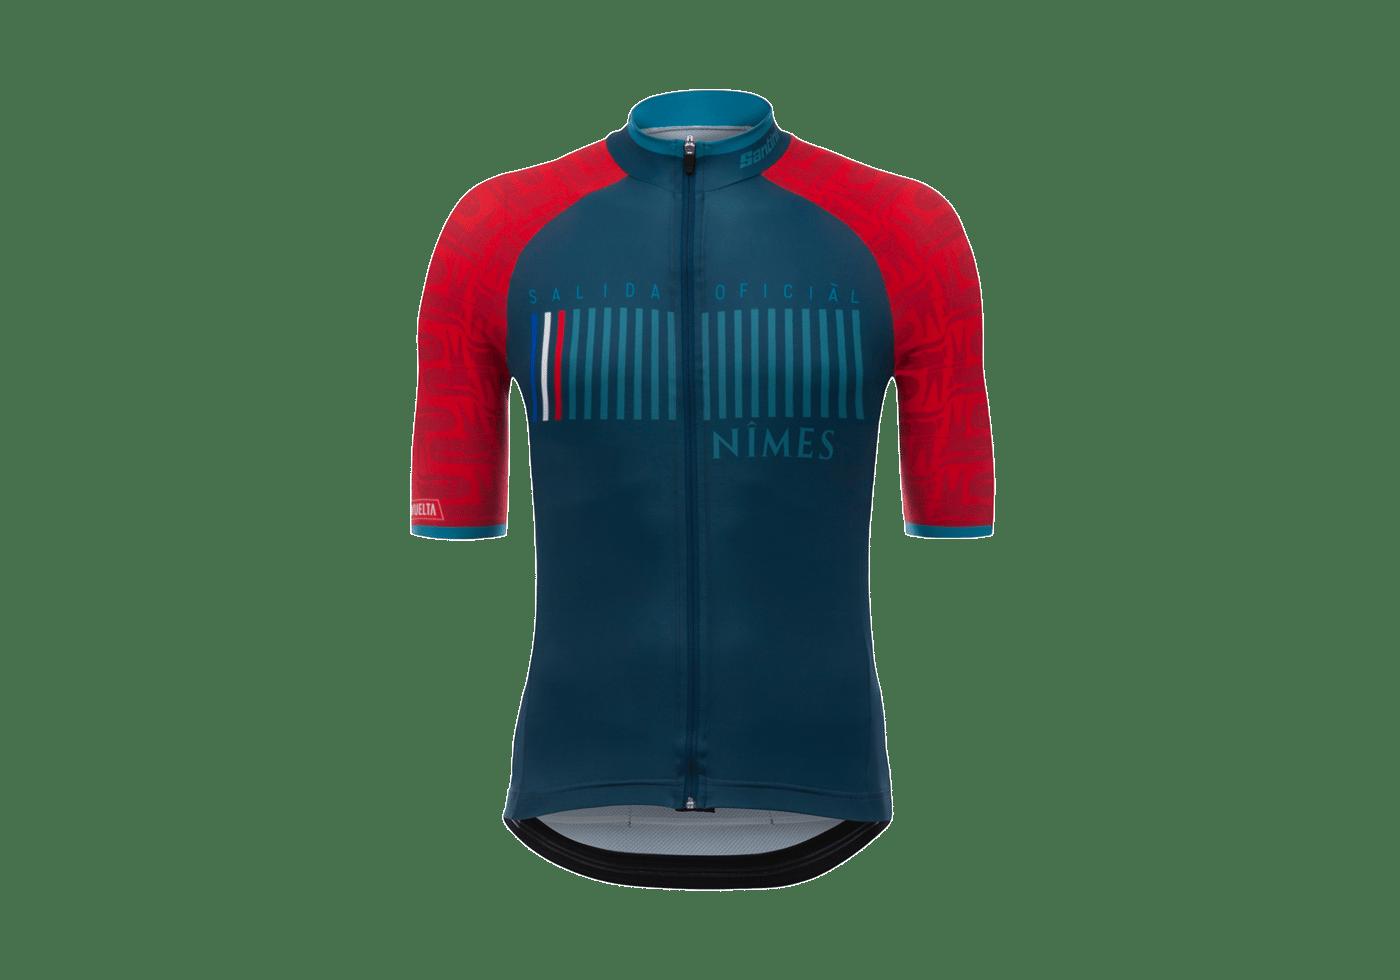 Maillot La Vuelta - Etapa Nimes Salida 2017 I